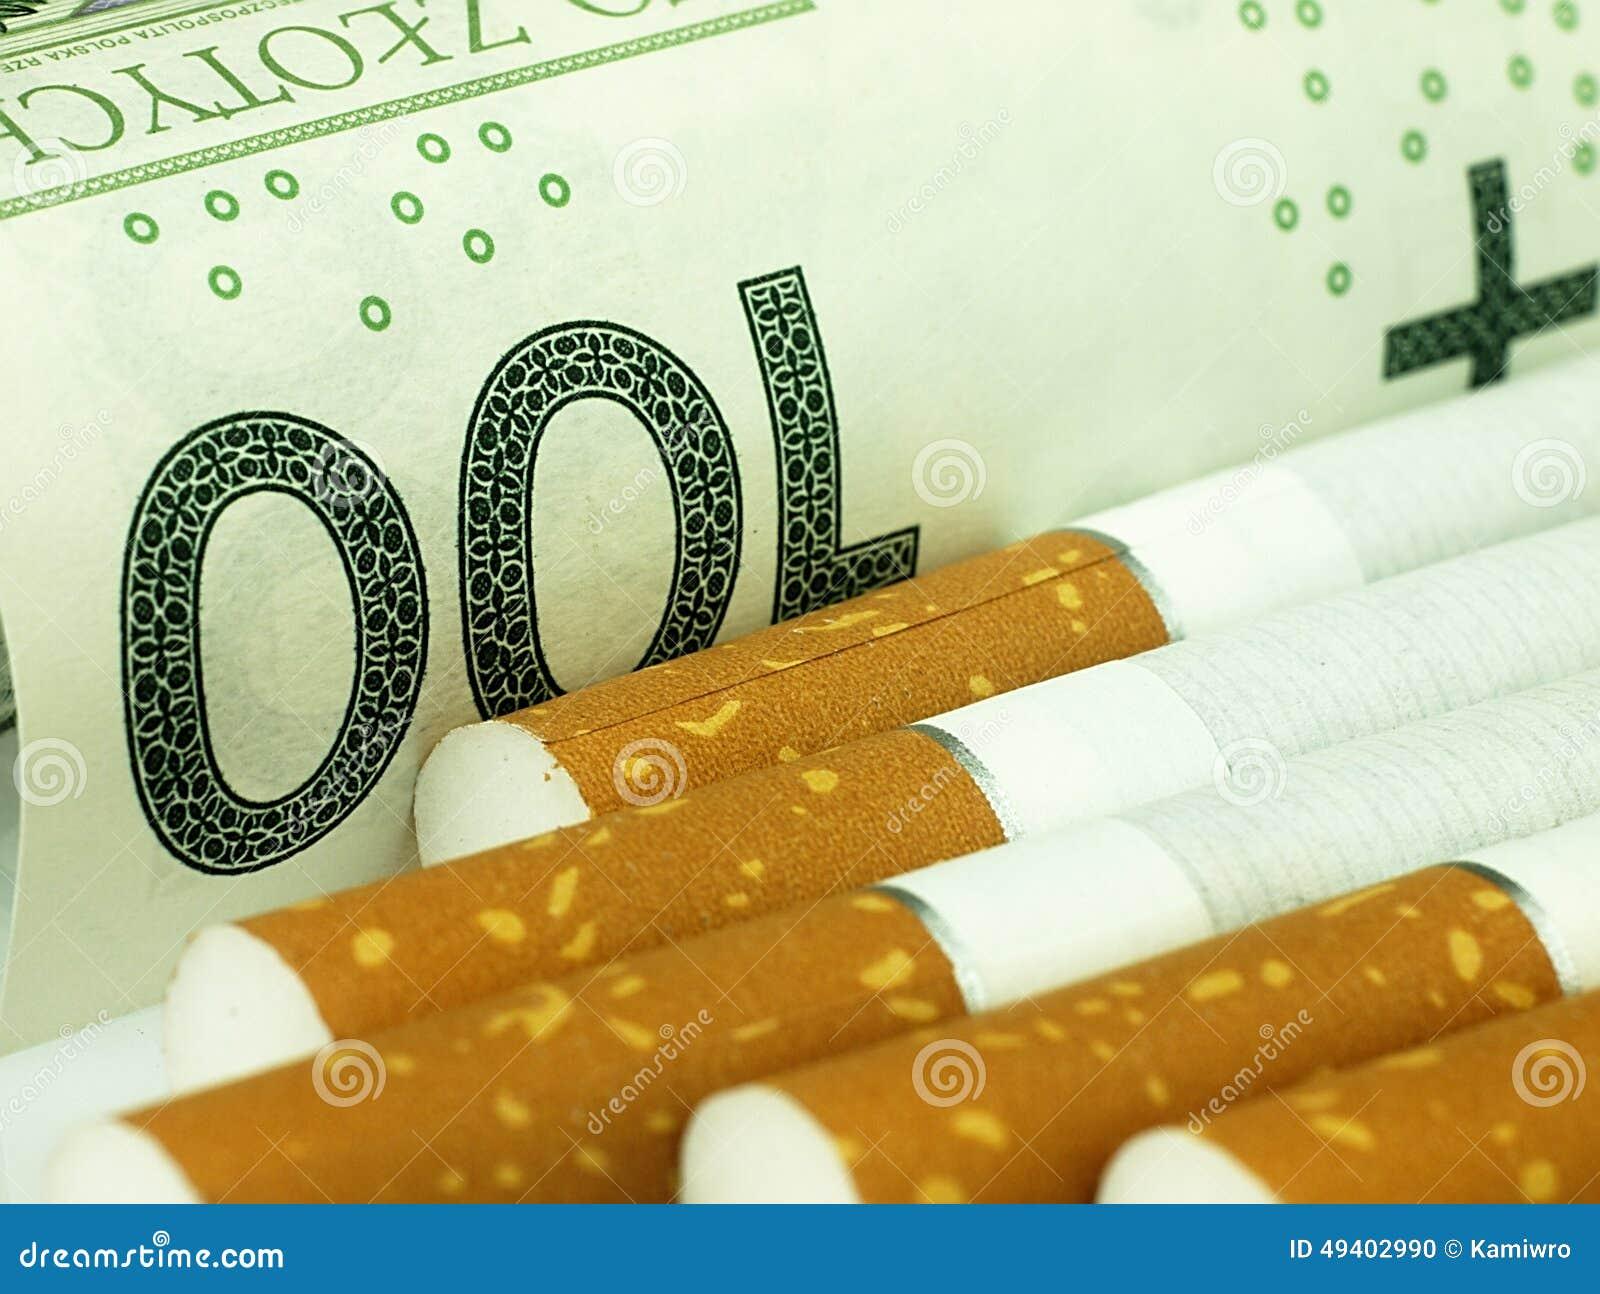 Download Zigaretten Und Geld Teure Gewohnheit Stockfoto - Bild von kosten, kostspielig: 49402990